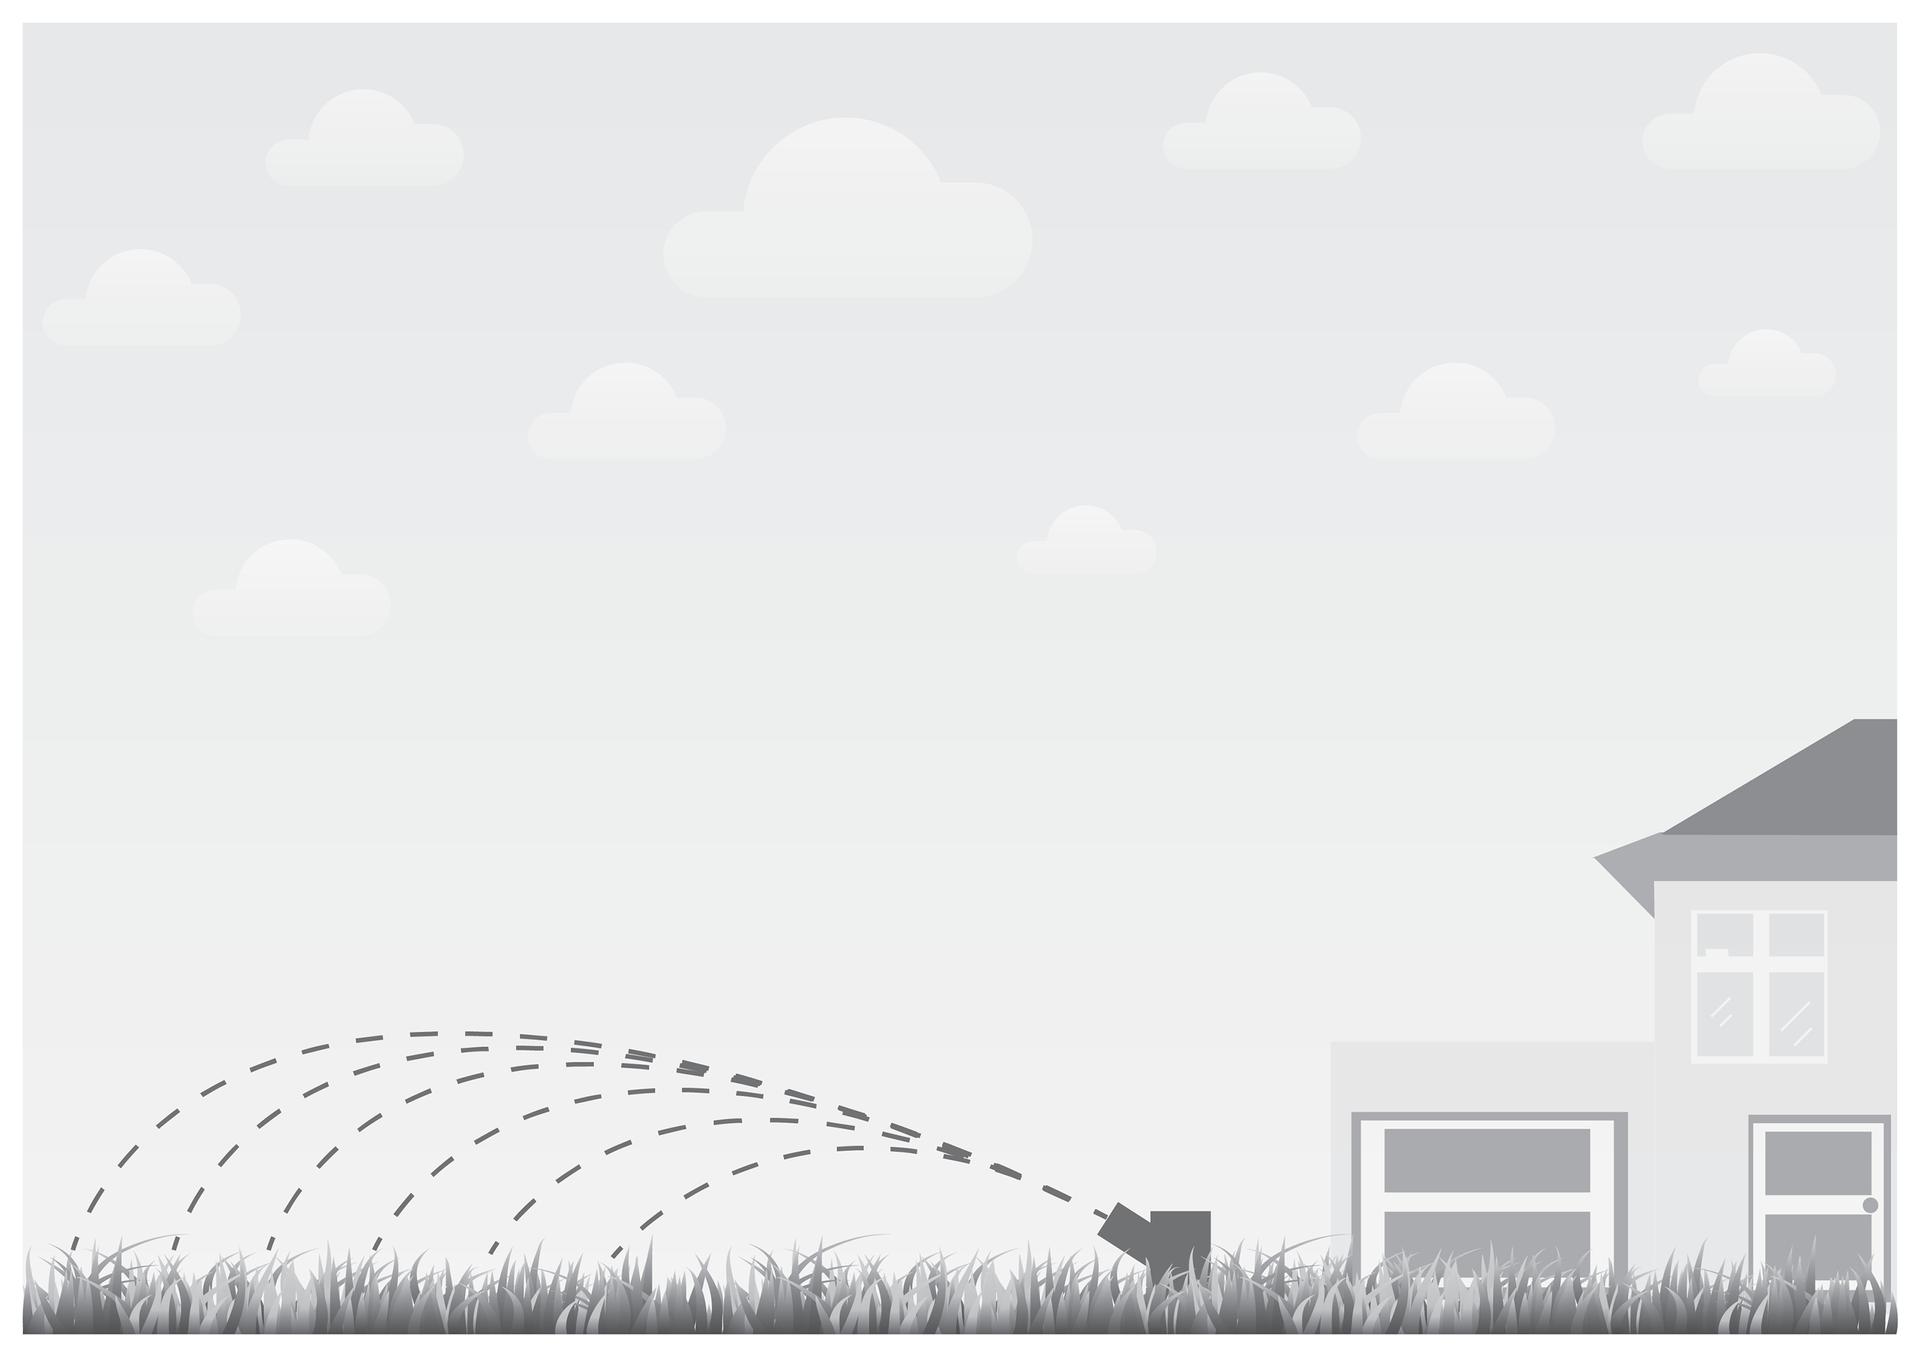 Siódma ilustracja wgalerii. Przedstawia czarno biały symboliczny rysunek trawnika podlewanego za pomocą specjalnego zraszacza podczas upałów. Wtle po prawej stronie fragment domu jednorodzinnego zgarażem. Niebo pogodne.